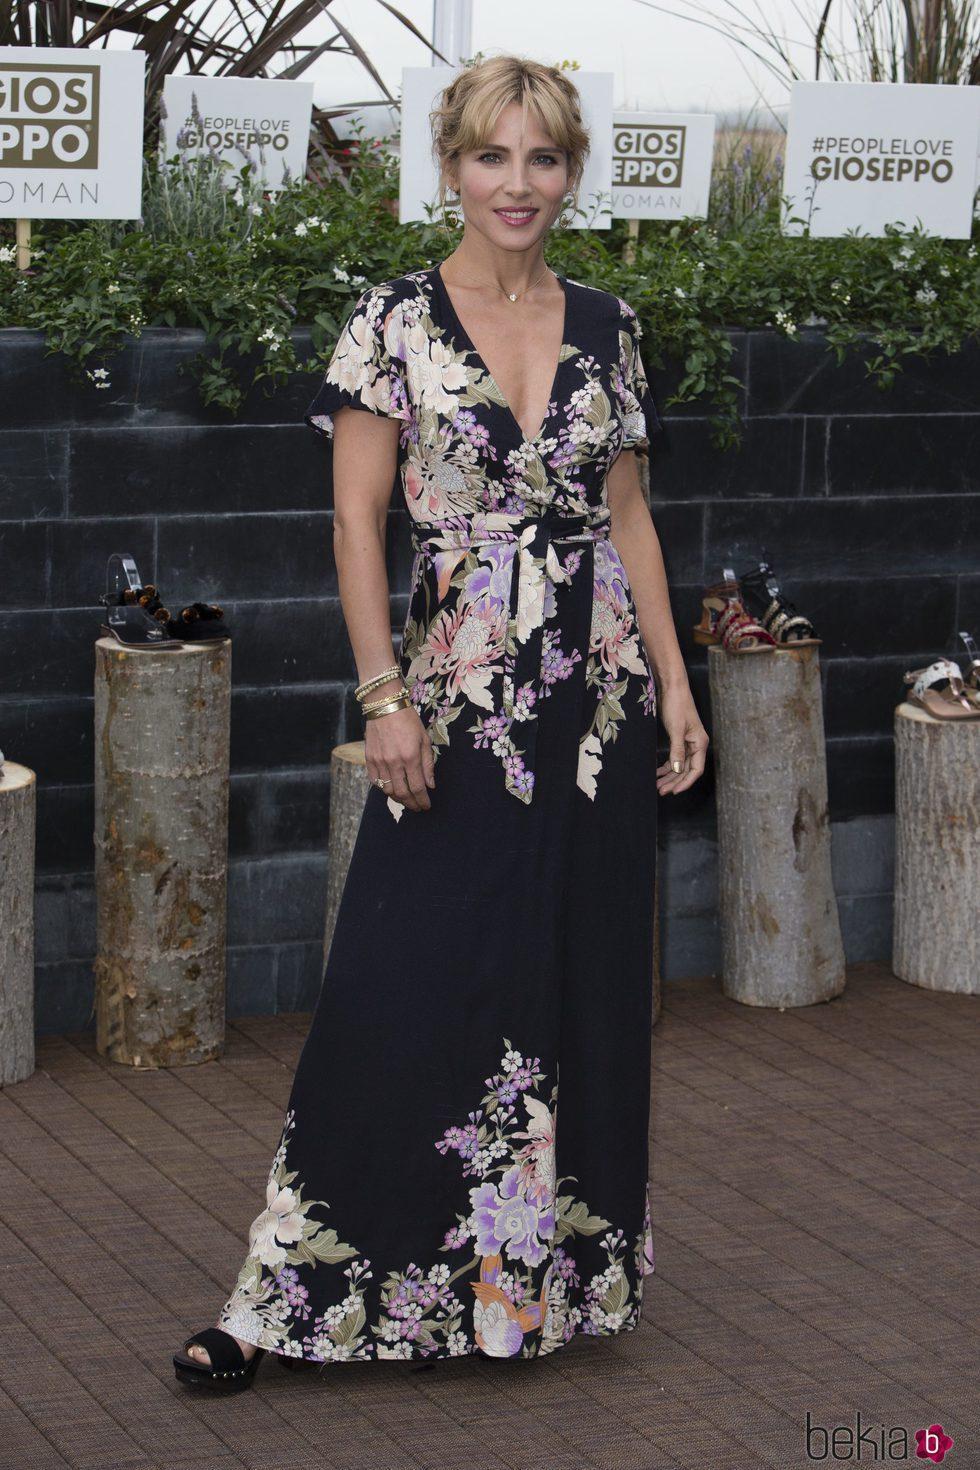 Elsa Pataky con un look primaveral en la presentación de la nueva colección de Gioseppo